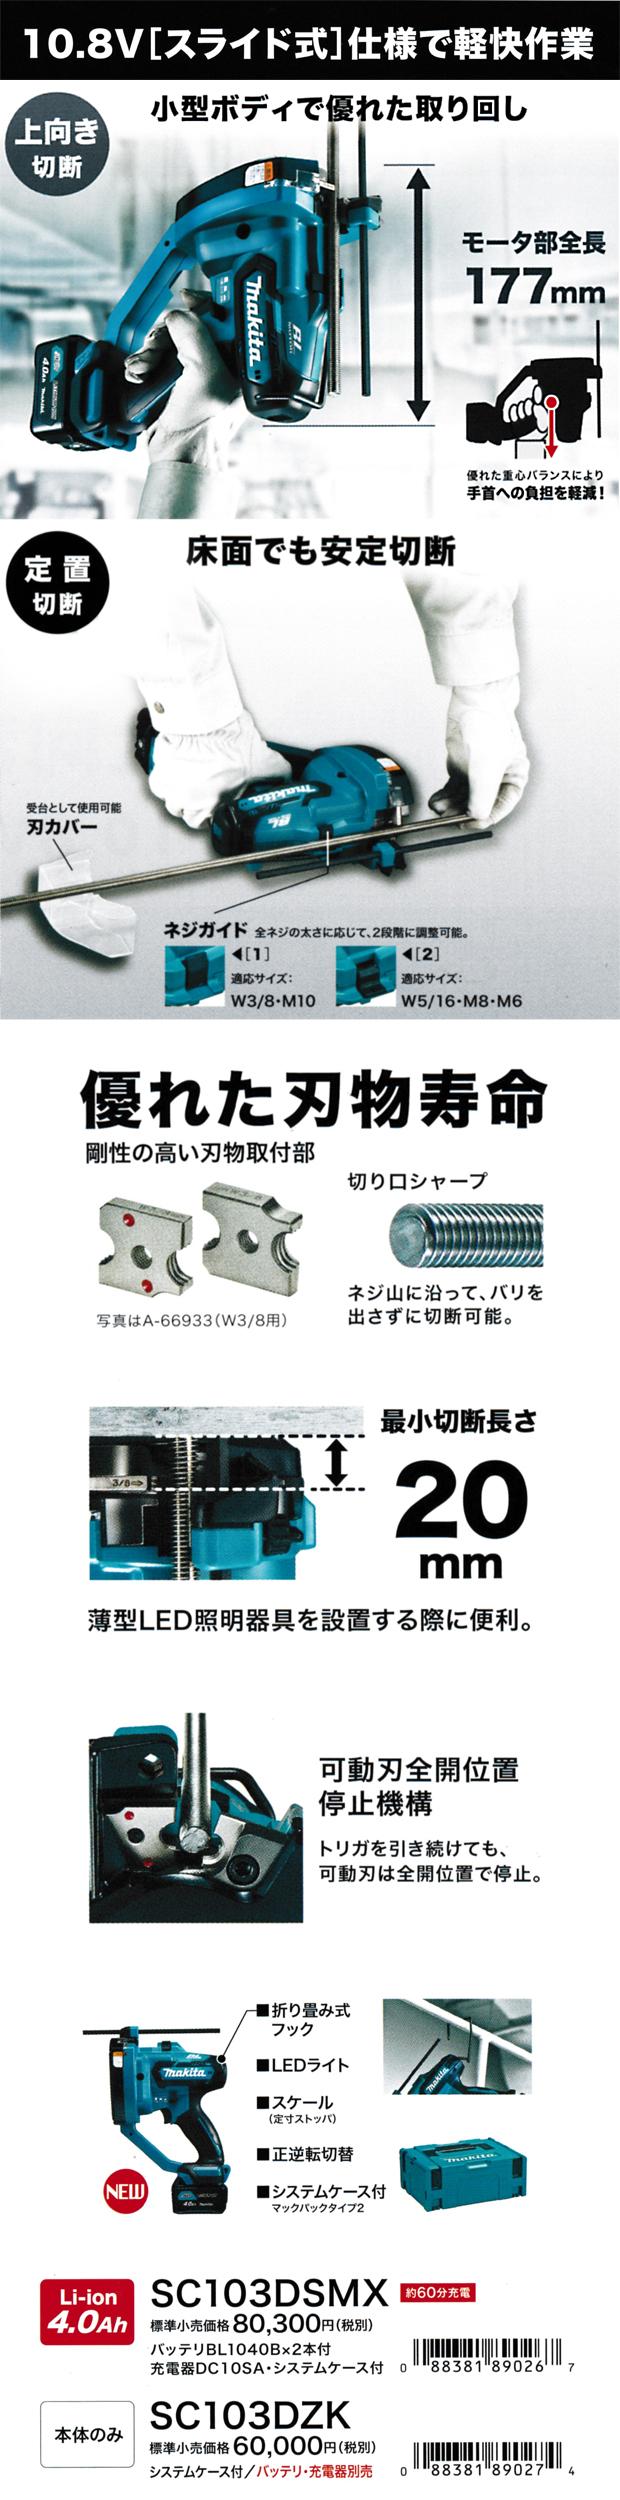 マキタ 10.8V 充電式全ネジカッタ SC103D